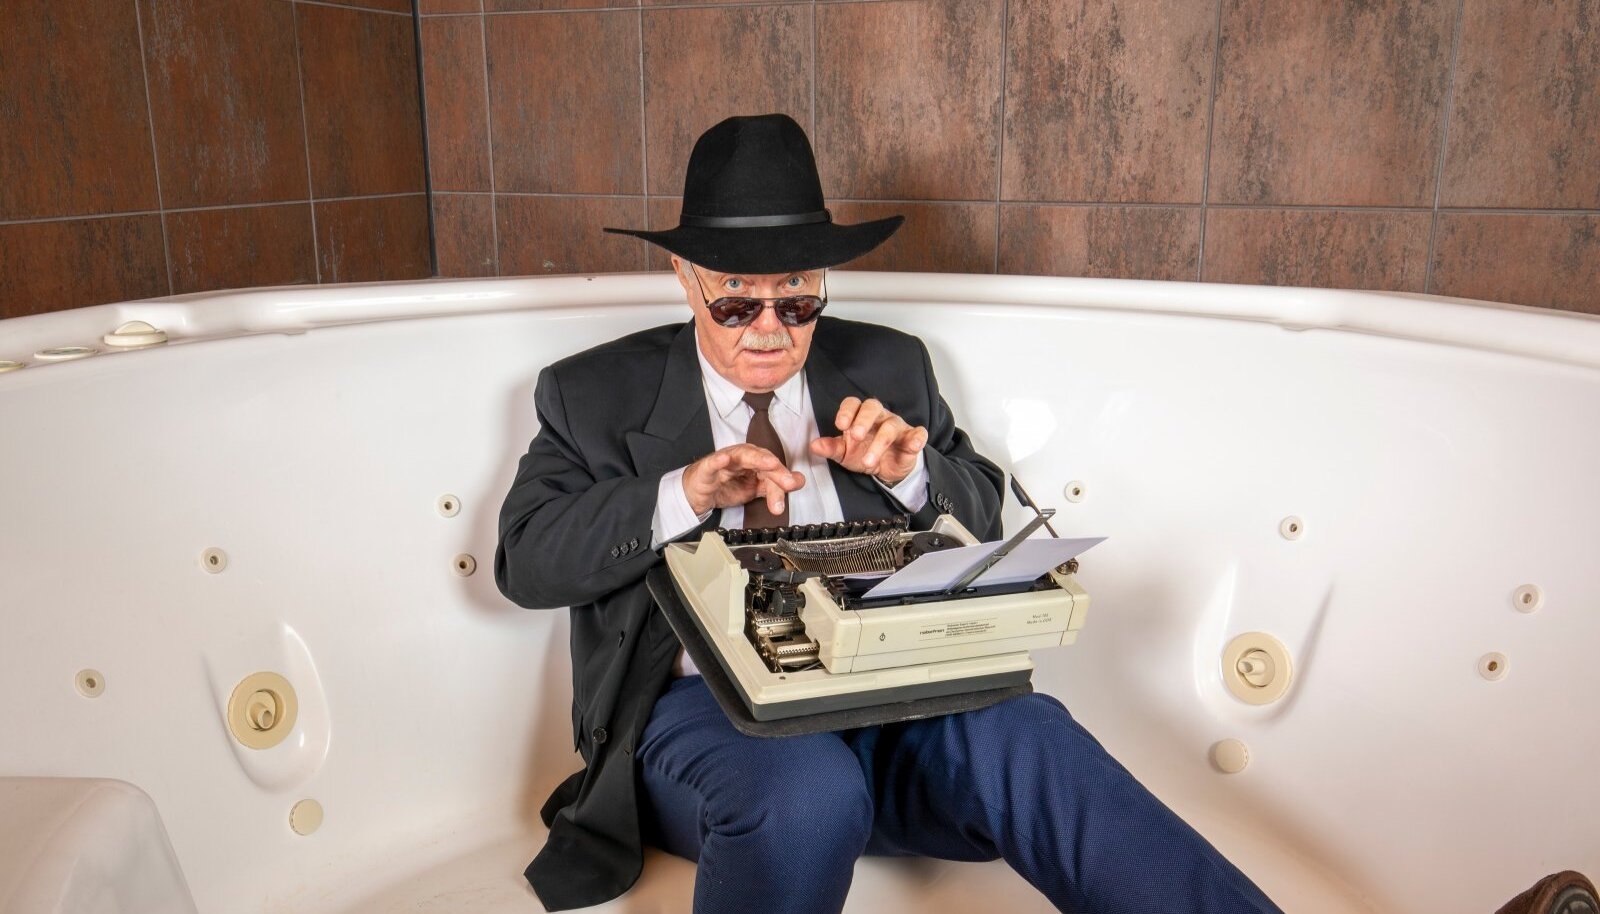 Kui fotograaf uuris Peeter Simmi käest, kus parimad filmiideed sünnivad, siis selgus, et vannis. Ja kindlasti kaabu ning lipsuga.